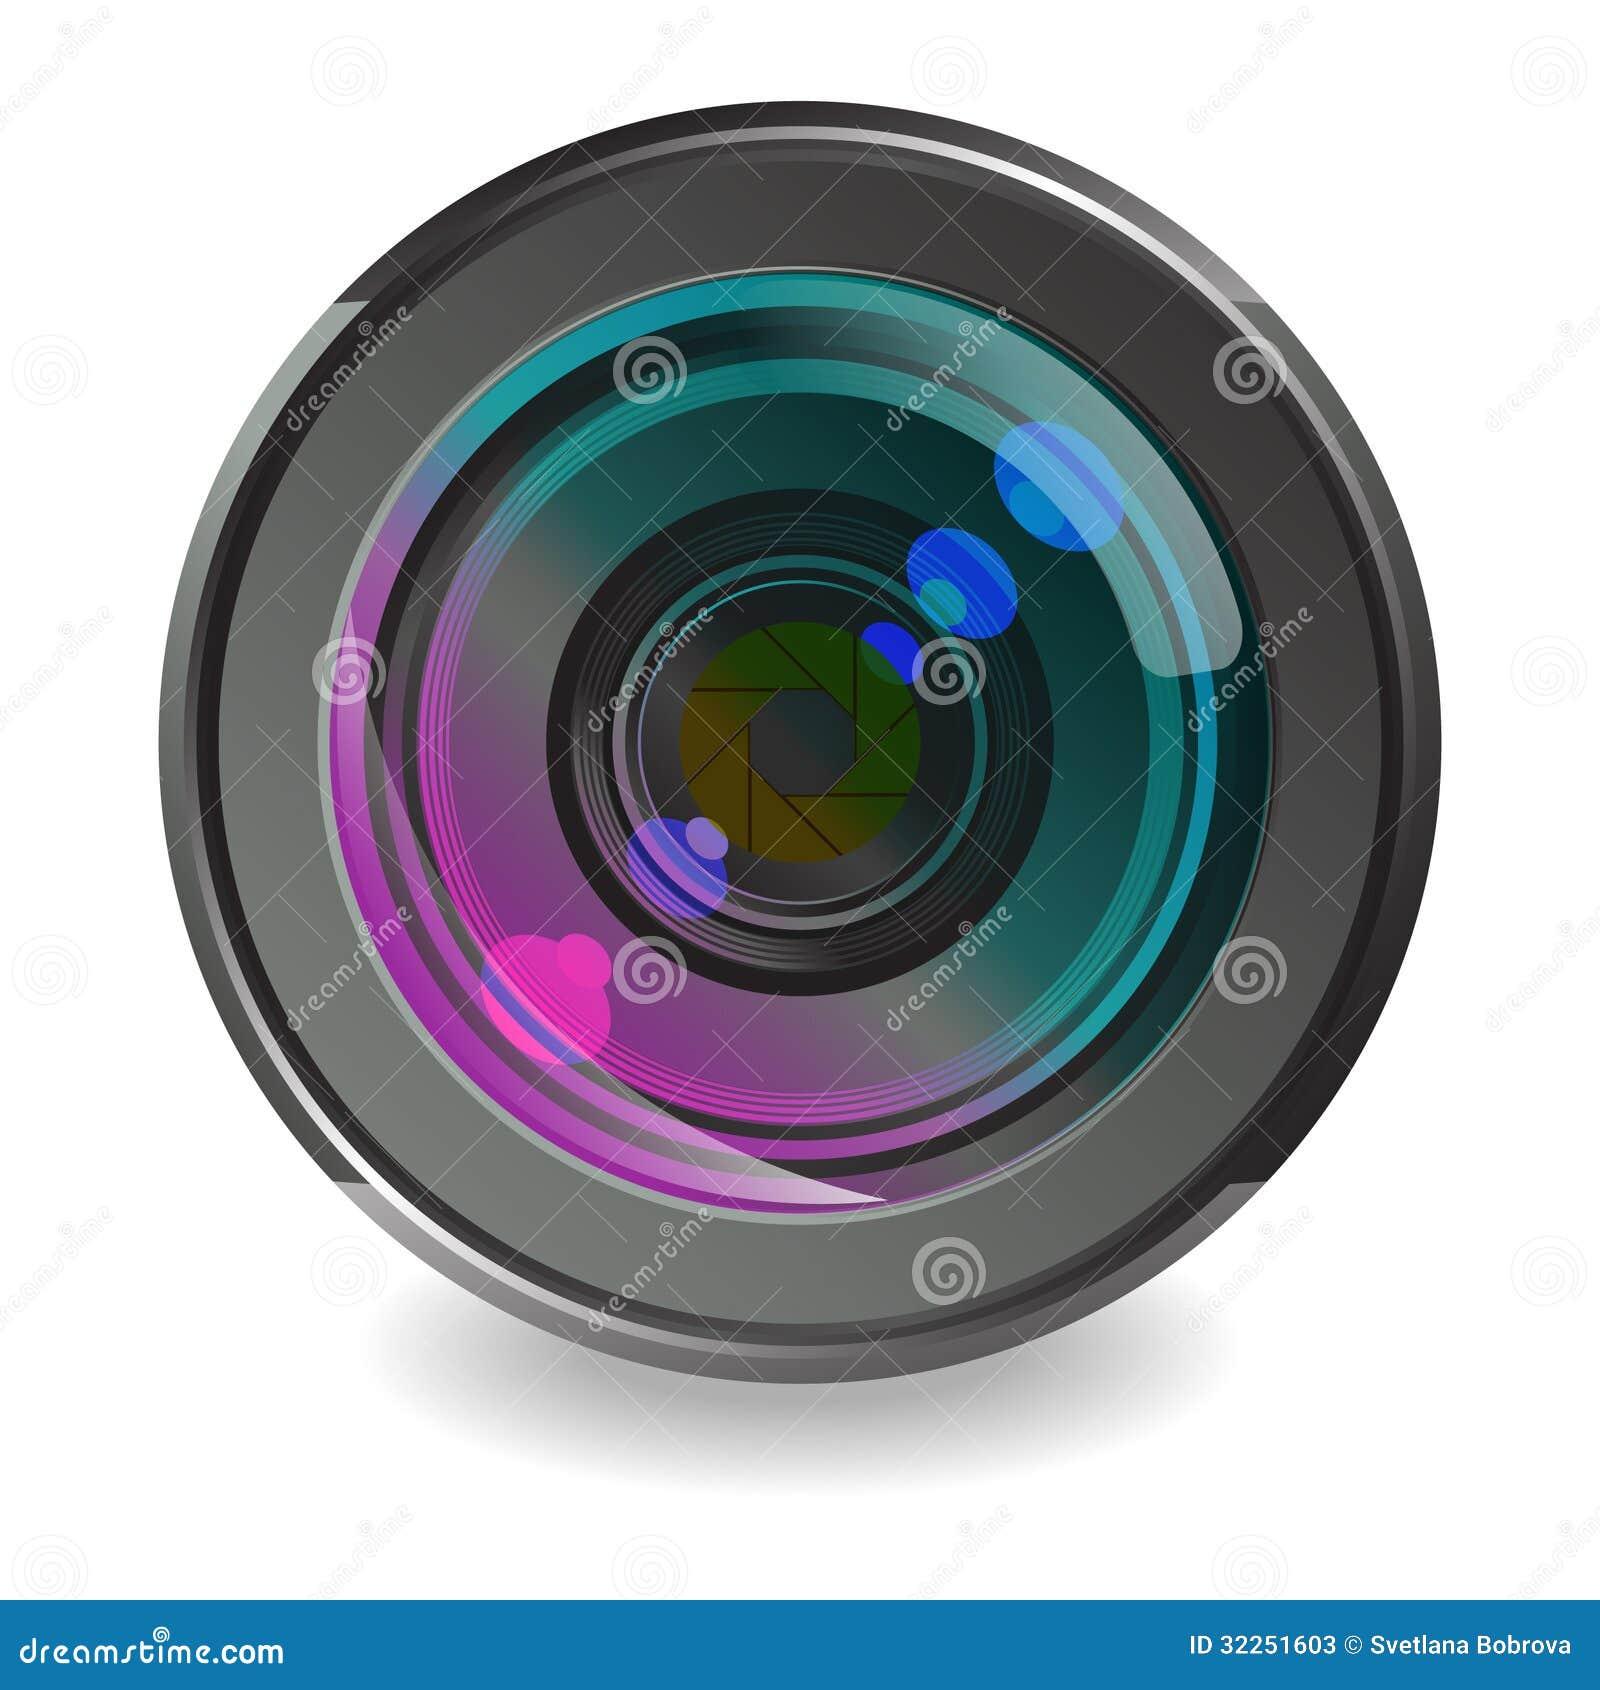 camera lens white background stock photos image 32251603